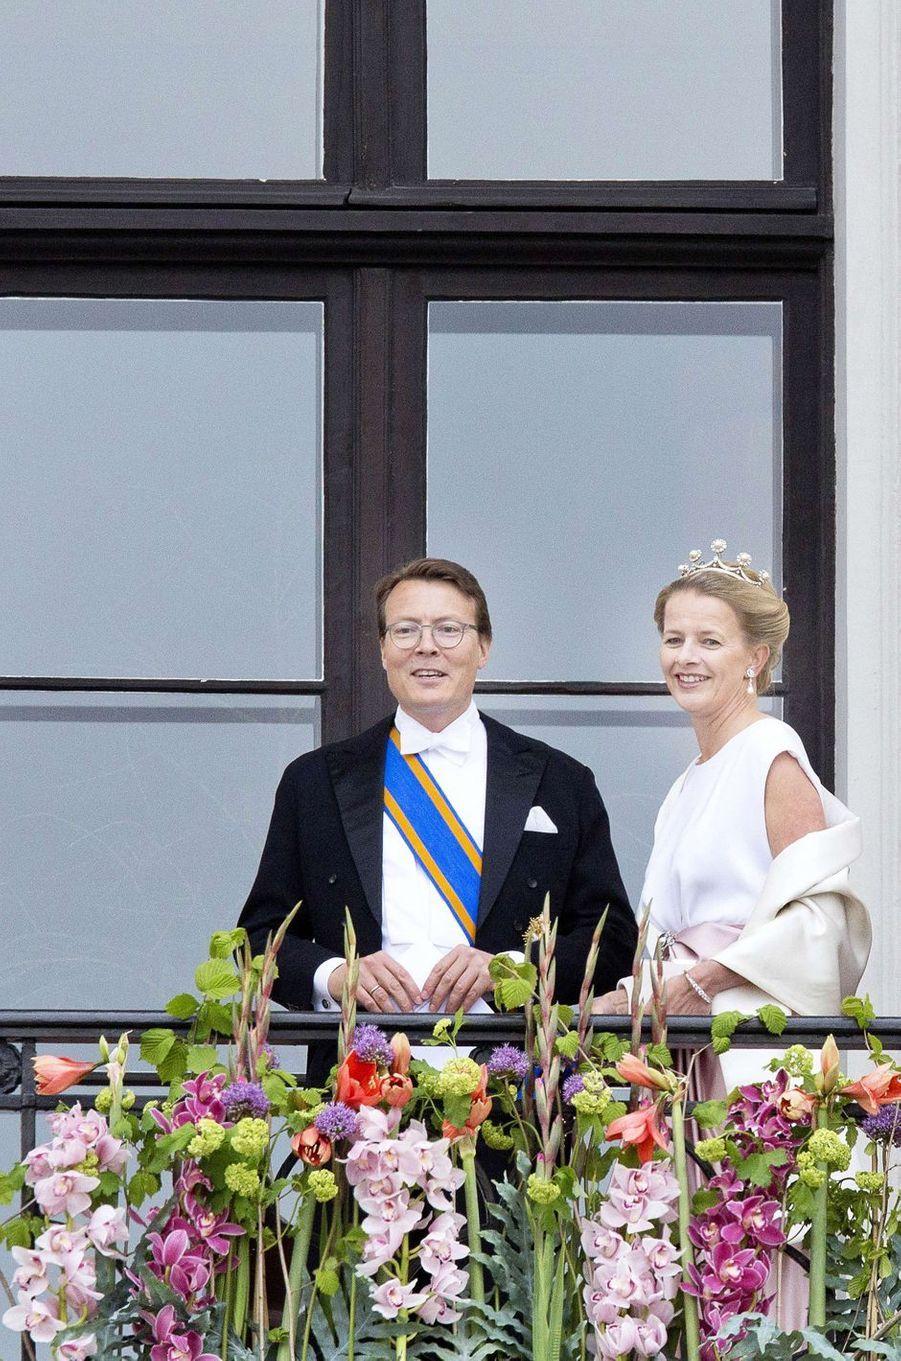 La princesse Mabel d'Orange-Nassau avec son beau-frère le prince Constantijn, le 9 mai 2017